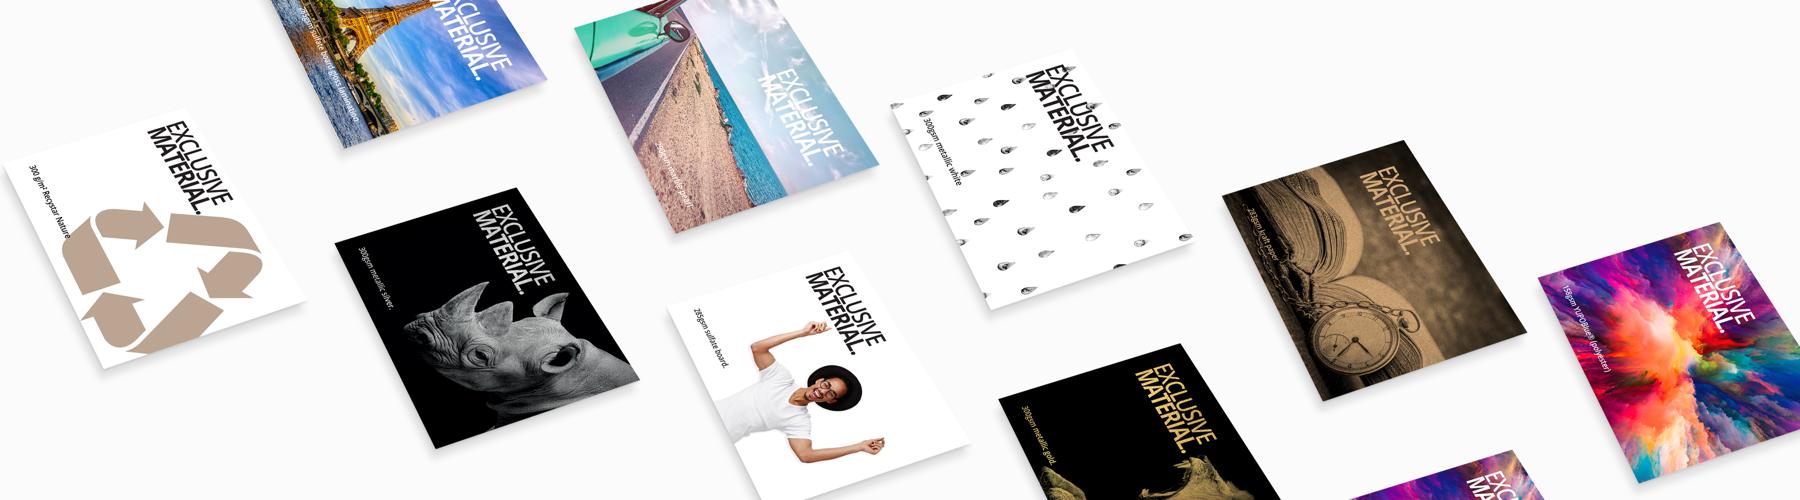 Choisir les bons matériaux pour flyers afin de faire ressortir votre design